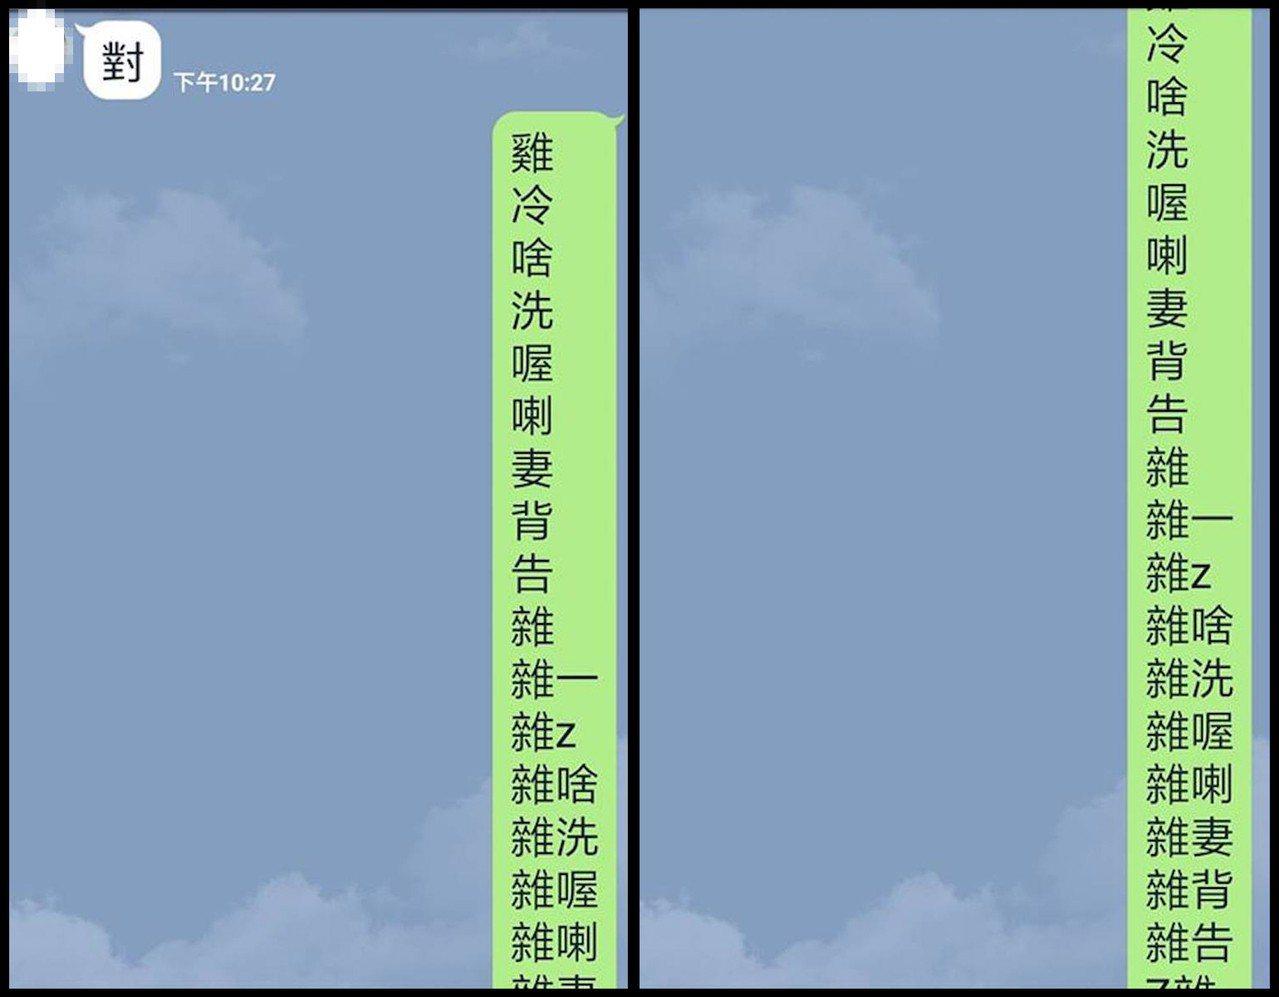 女兒僅問11的台語怎麼寫,林姓爸爸索性列出數字1到20的發音。圖片來源/爆怨公社